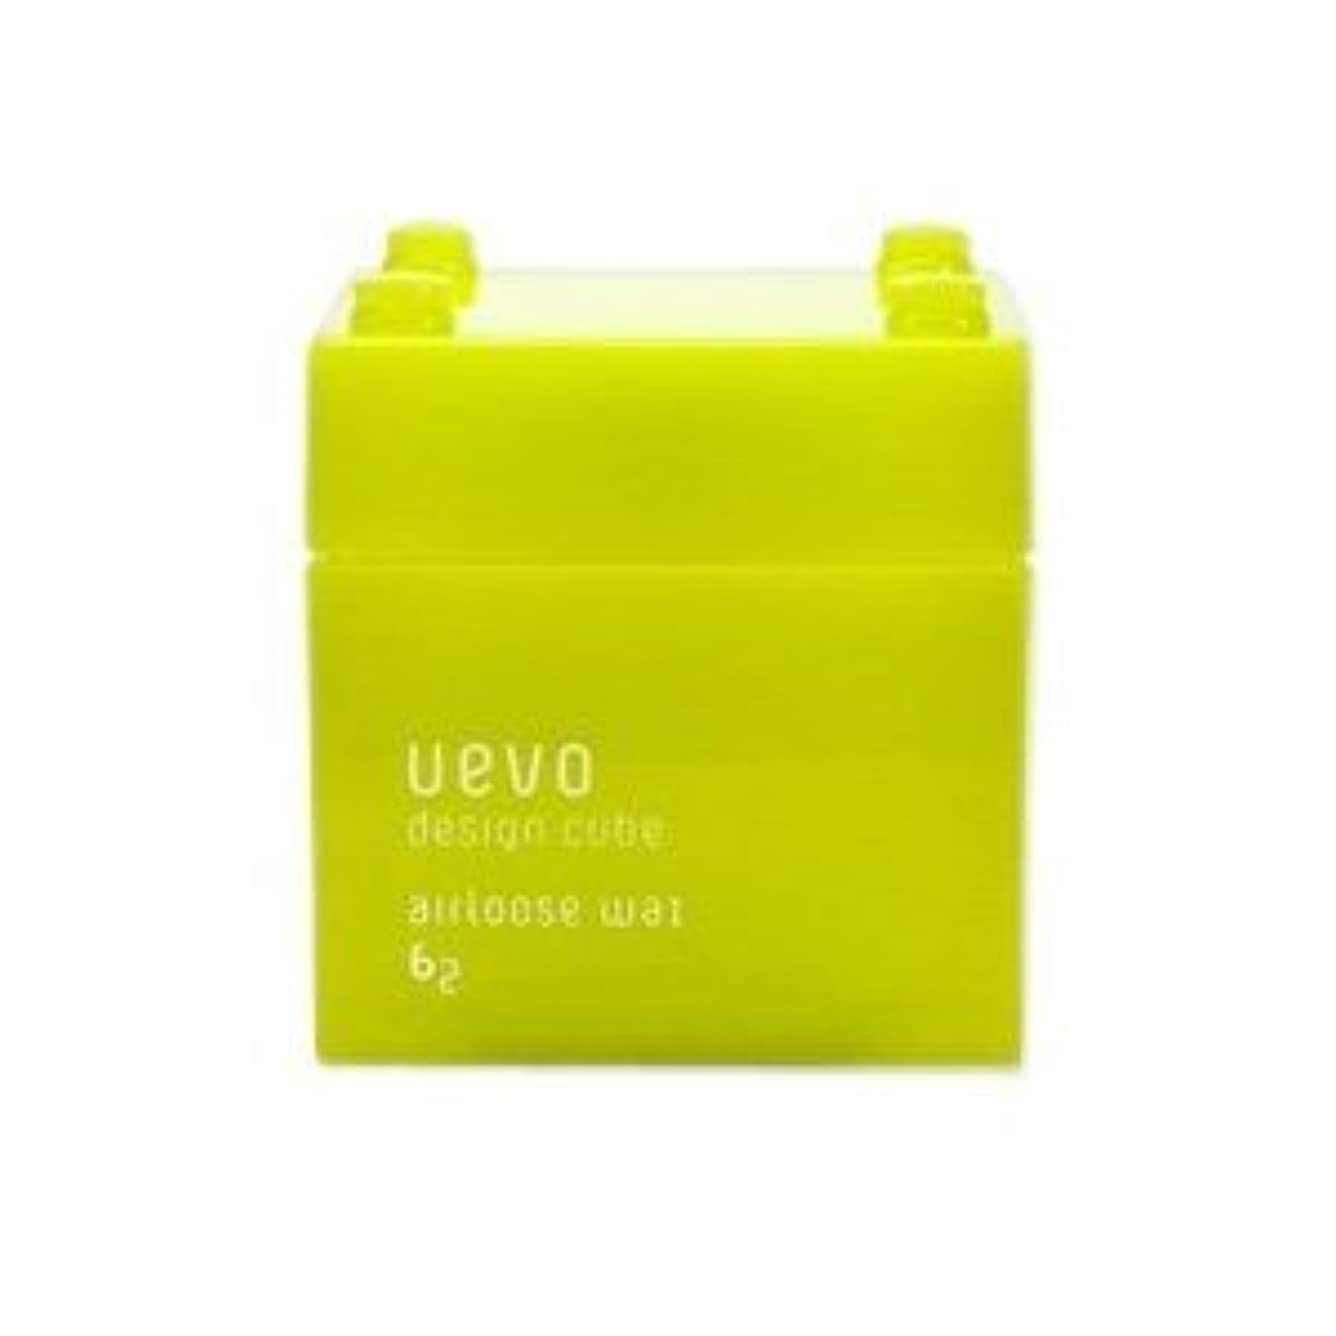 巻き戻す高原パパ【X3個セット】 デミ ウェーボ デザインキューブ エアルーズワックス 80g airloose wax DEMI uevo design cube